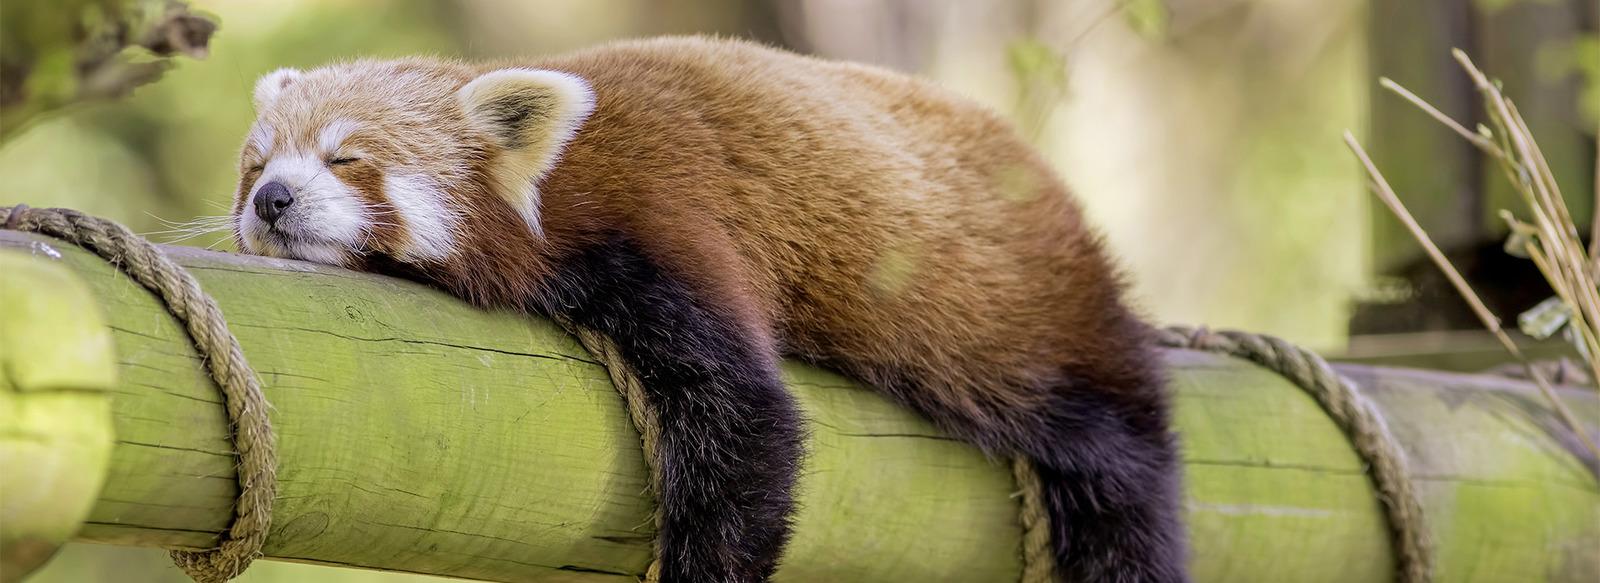 Una giornata tra 1.500 animali di 200 specie: scopri Parco Natura Viva